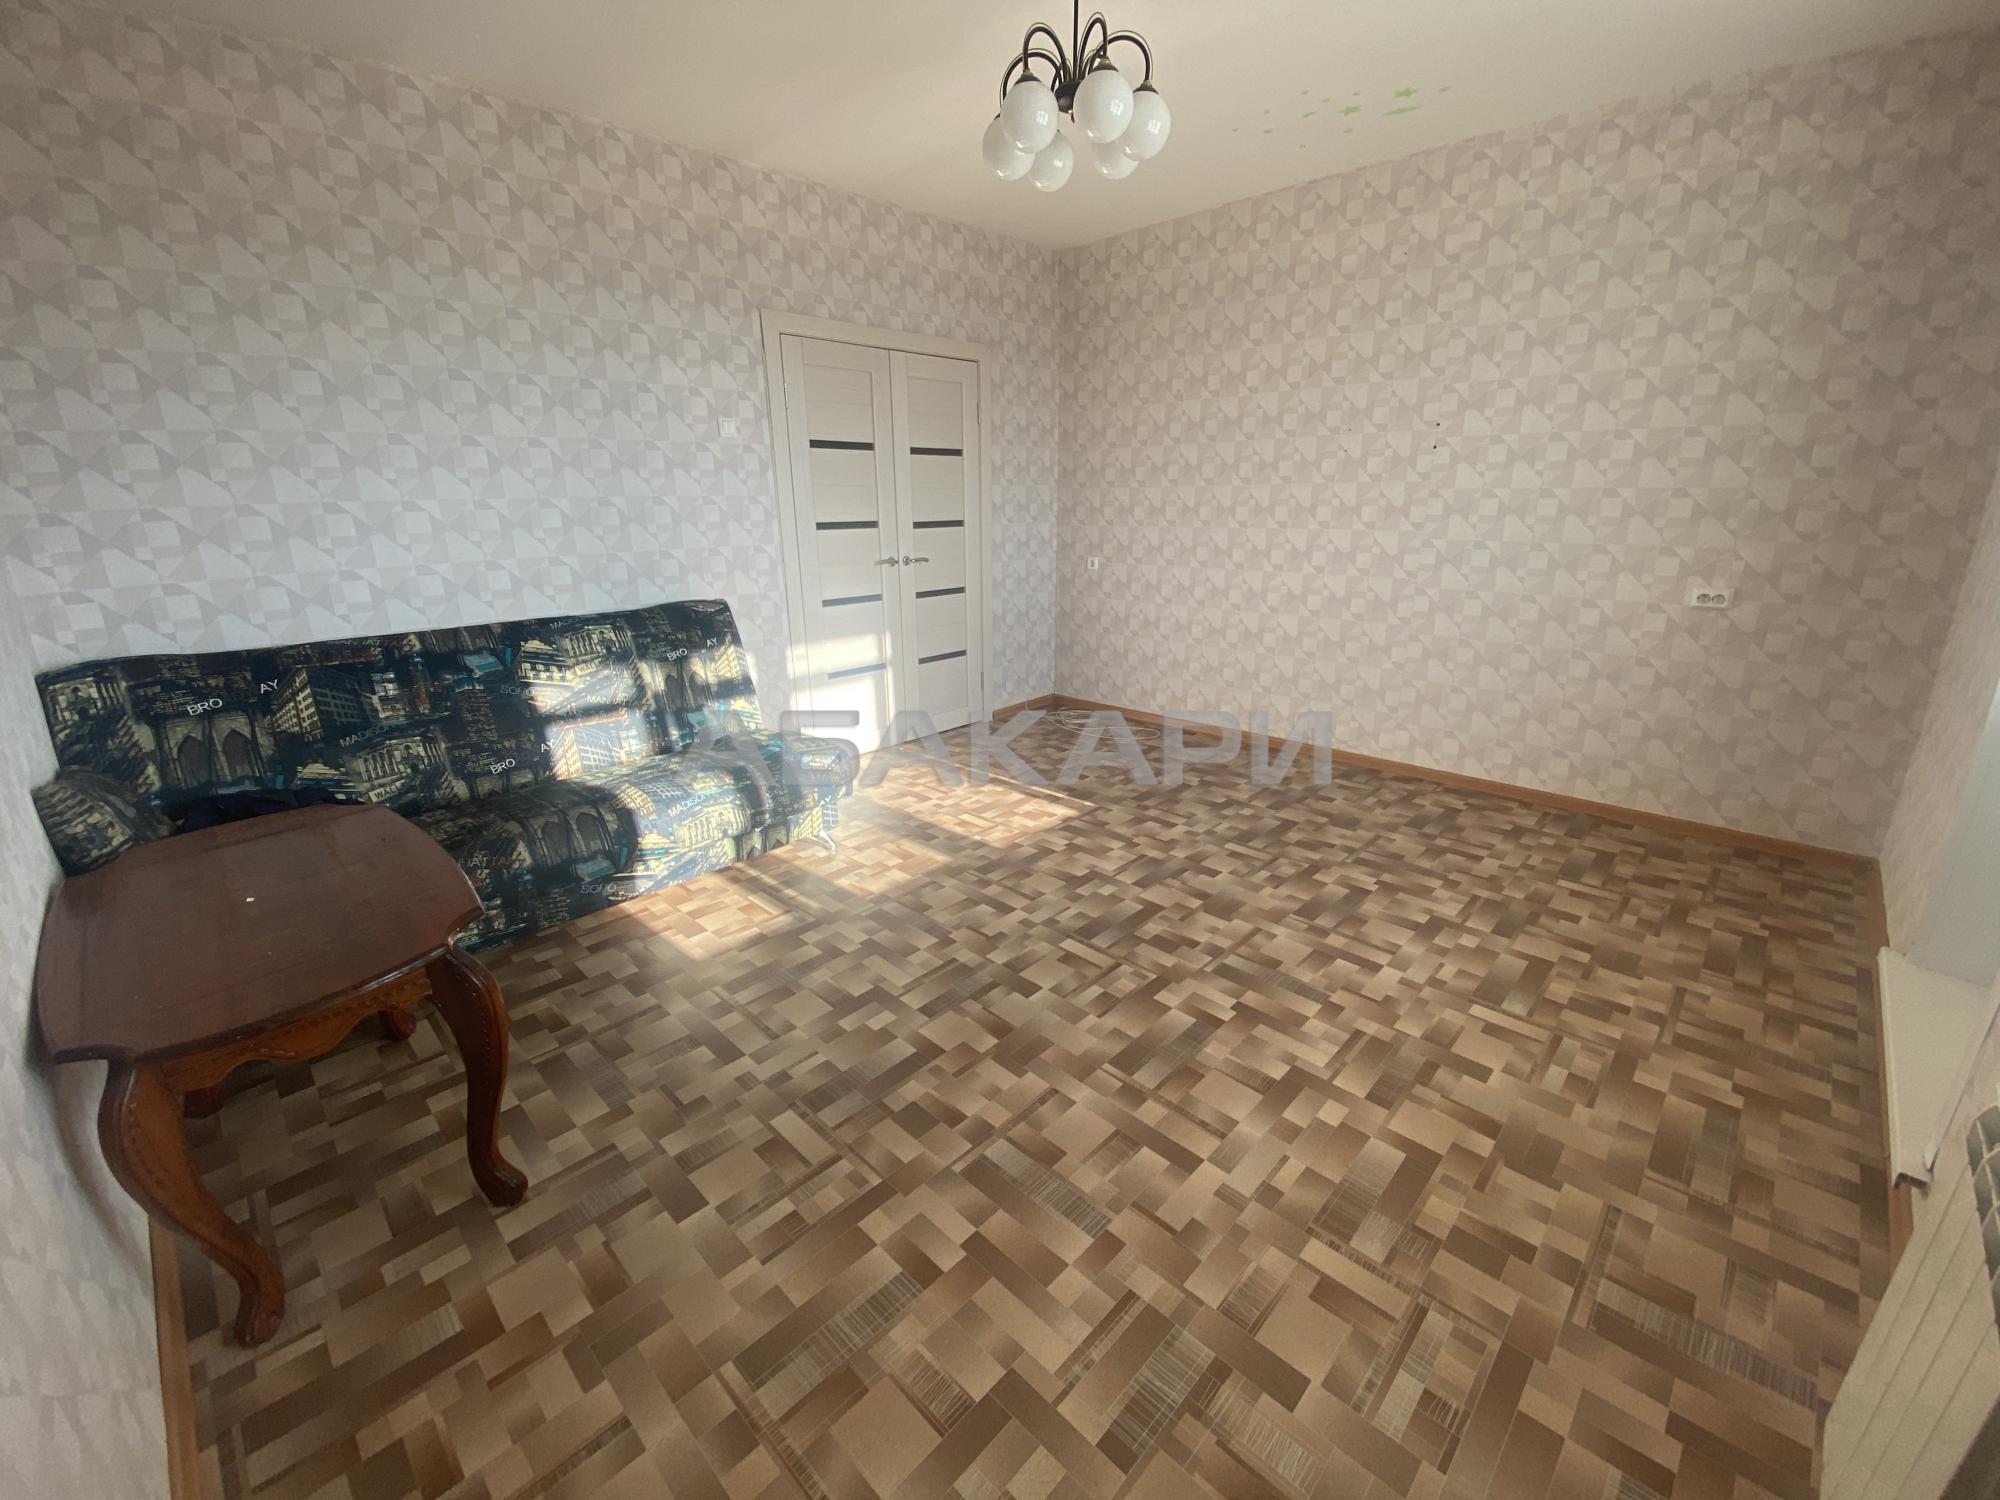 2к квартира улица Дмитрия Мартынова, 45 12/14 - 57кв | 23000 | аренда в Красноярске фото 13